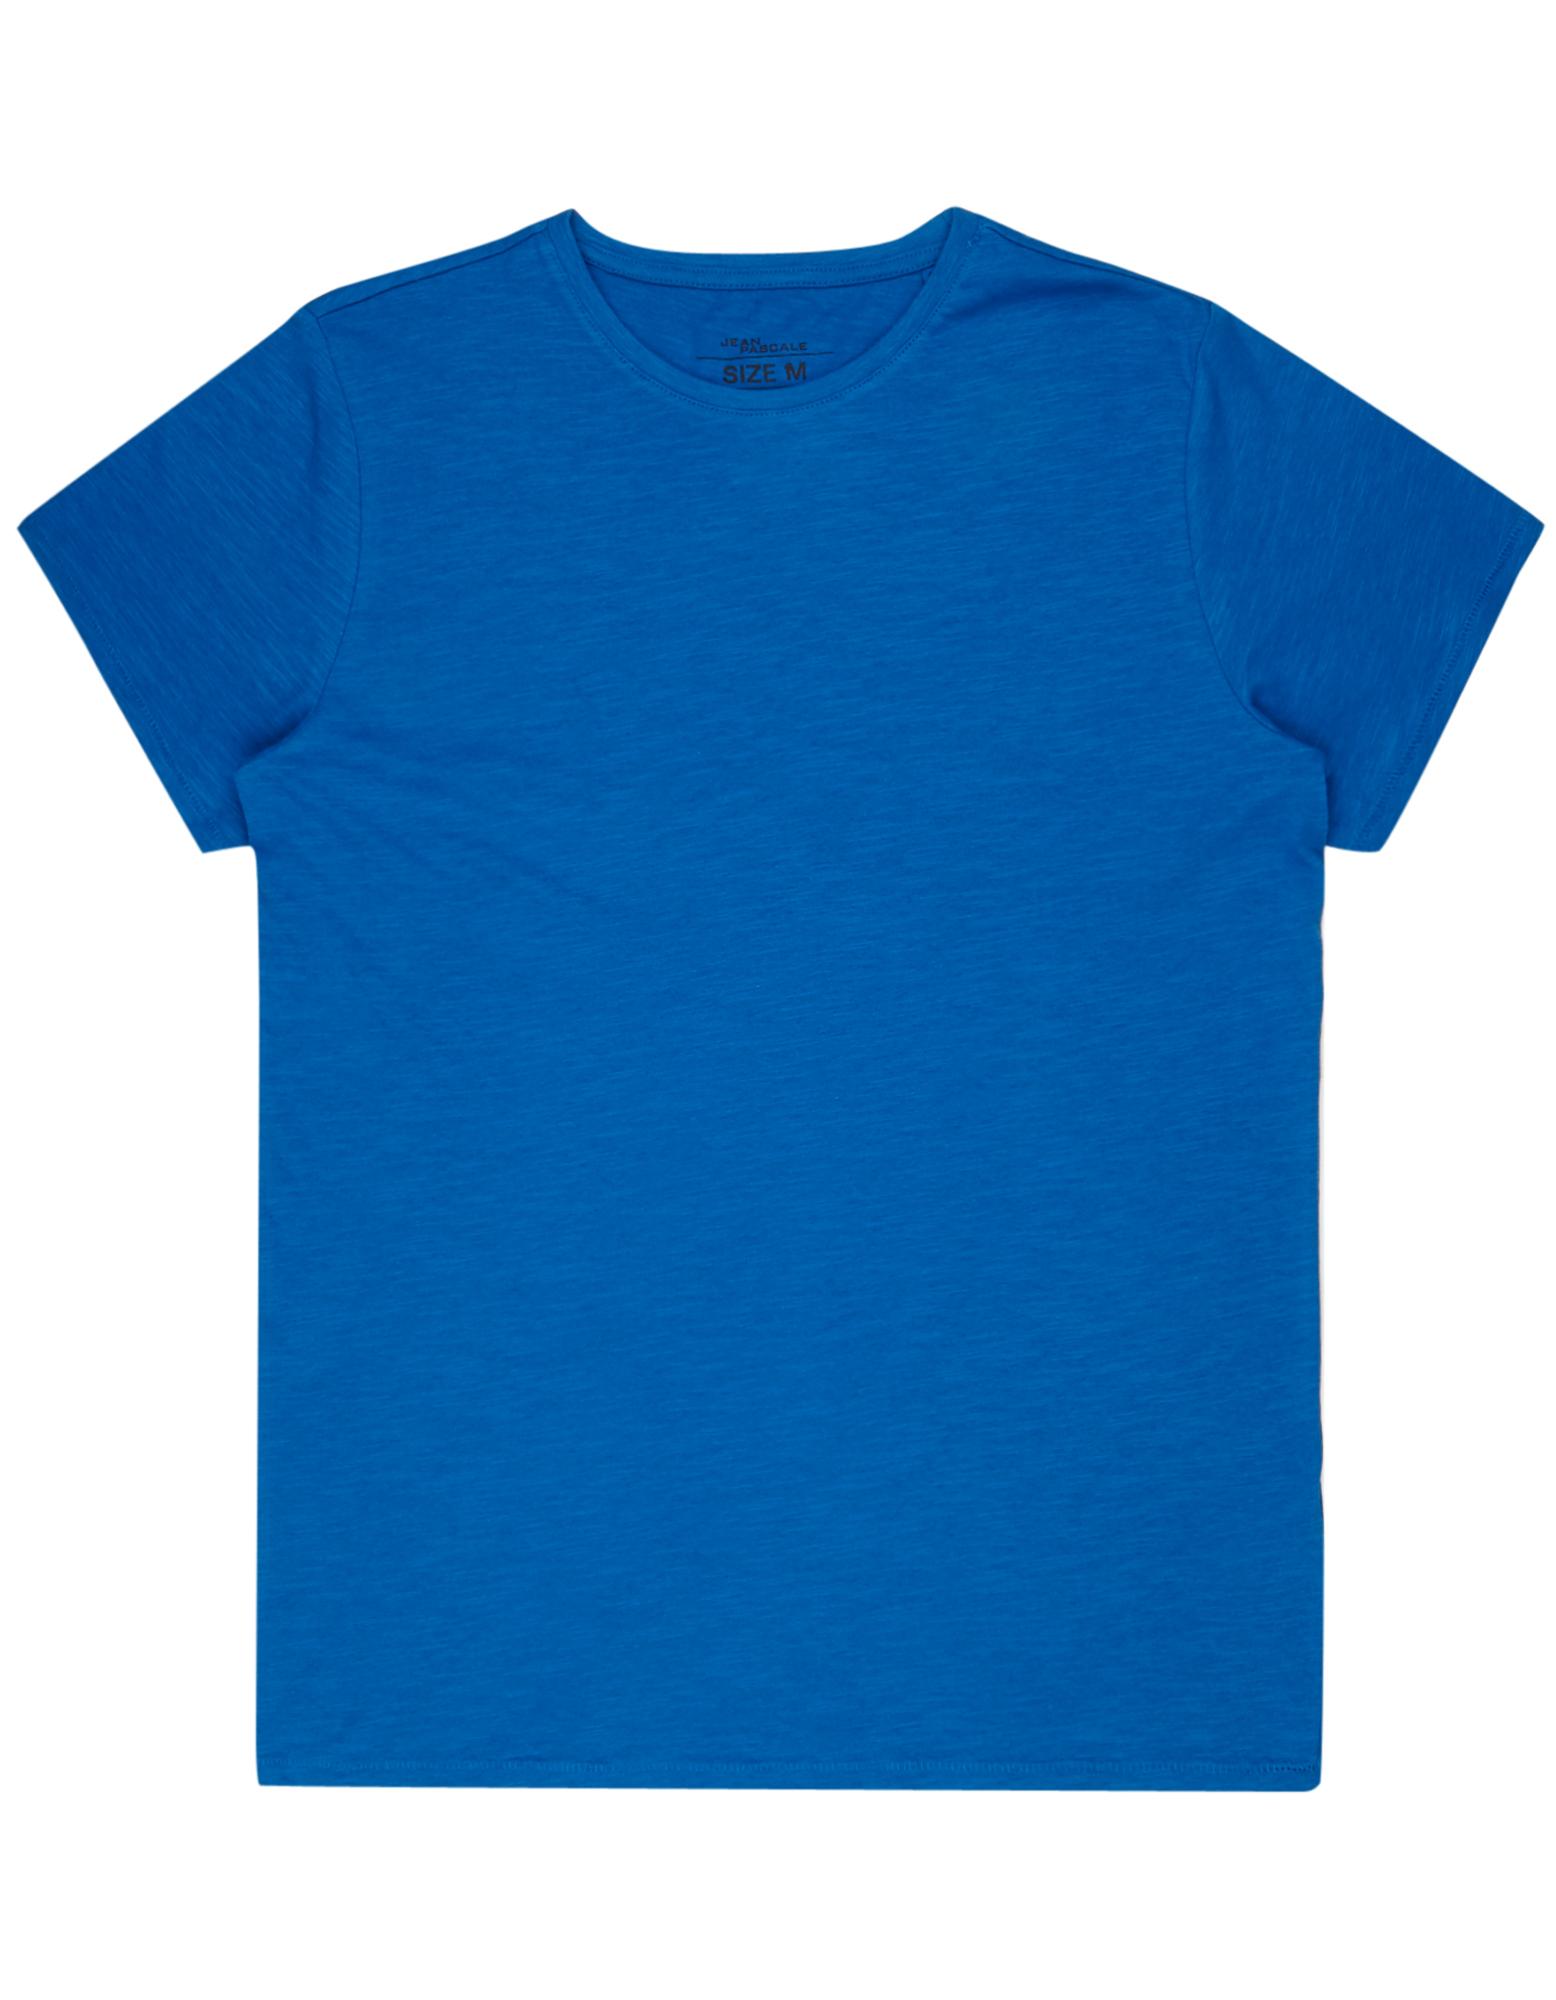 Herren T-Shirt mit Rundhalsausschnitt    81544315610509